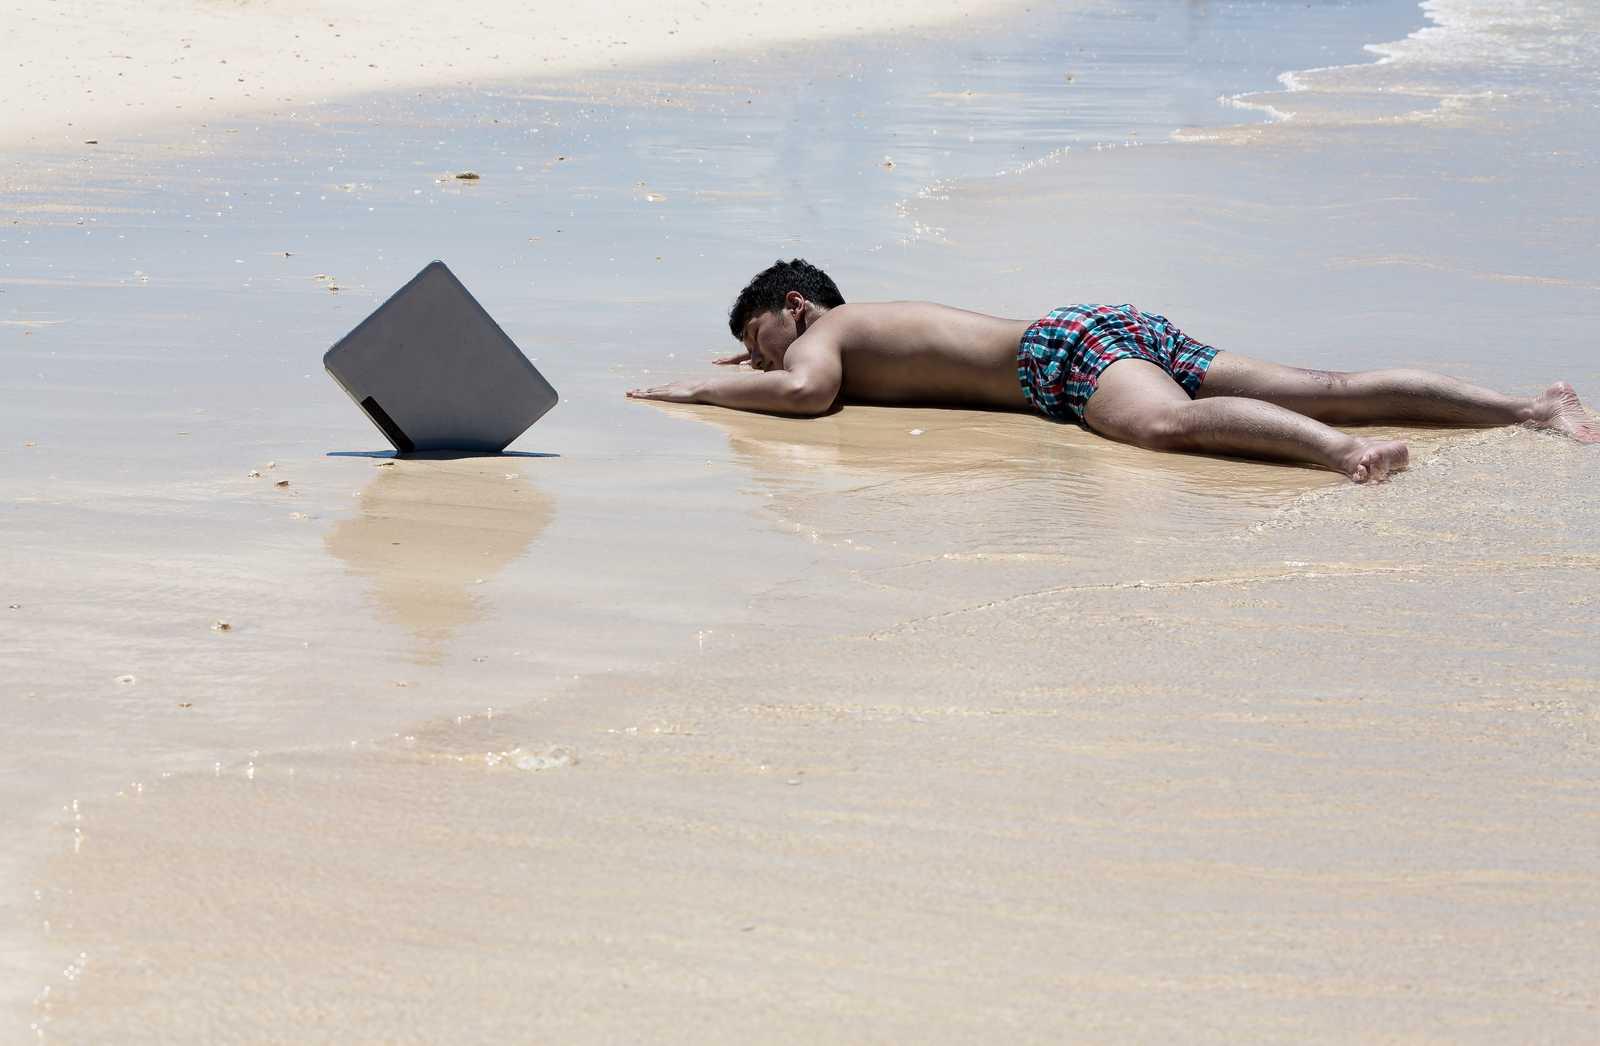 転職活動のための有給休暇取得を会社は拒否してはイケないのか?